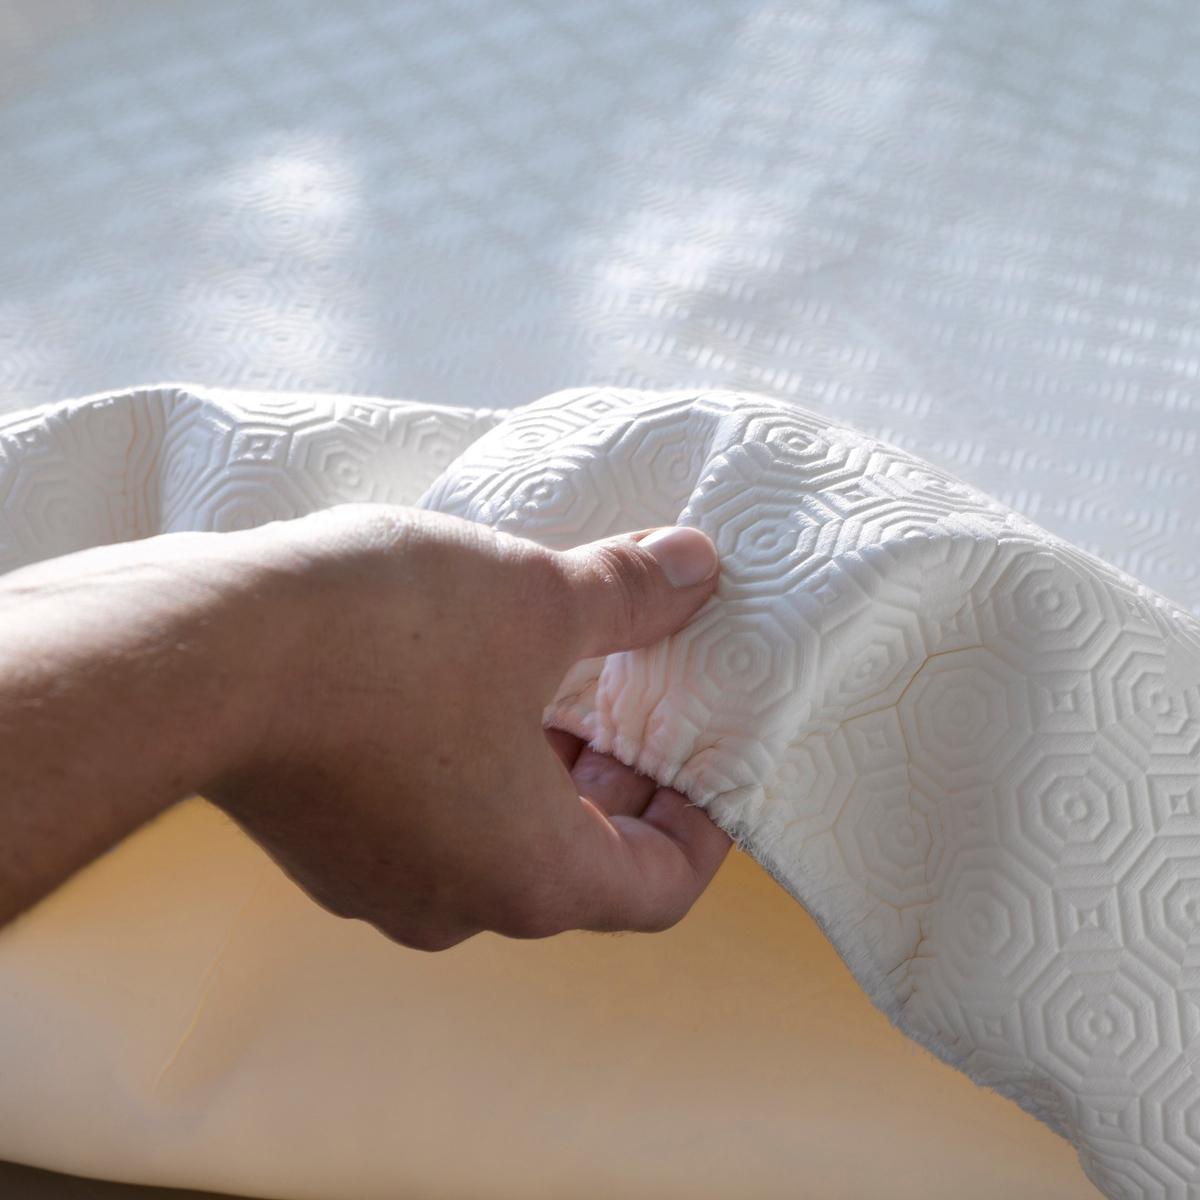 Чехол защитный белый для прямоугольного или овального столаОчень практичен, легко закрепляется благодаря резинке по контуру и не скользит.Характеристики чехла защитного для прямоугольного или овального стола :- Чехол для стола Caligomme® : 74% пеноматериала из ПВХ, 20% покрытия из ПВХ и 6% текстильной основы- Толщина 2 мм.- Отделка шнуром- Чистится при помощи влажной губки.Размеры чехла. Наши рекомендации :- Прям. 105х165 : для столешницы размером 90х150- Ов. 110x140 : для столешницы 95x125- Ов. 110x180 : для столешницы 90x165<br><br>Цвет: белый